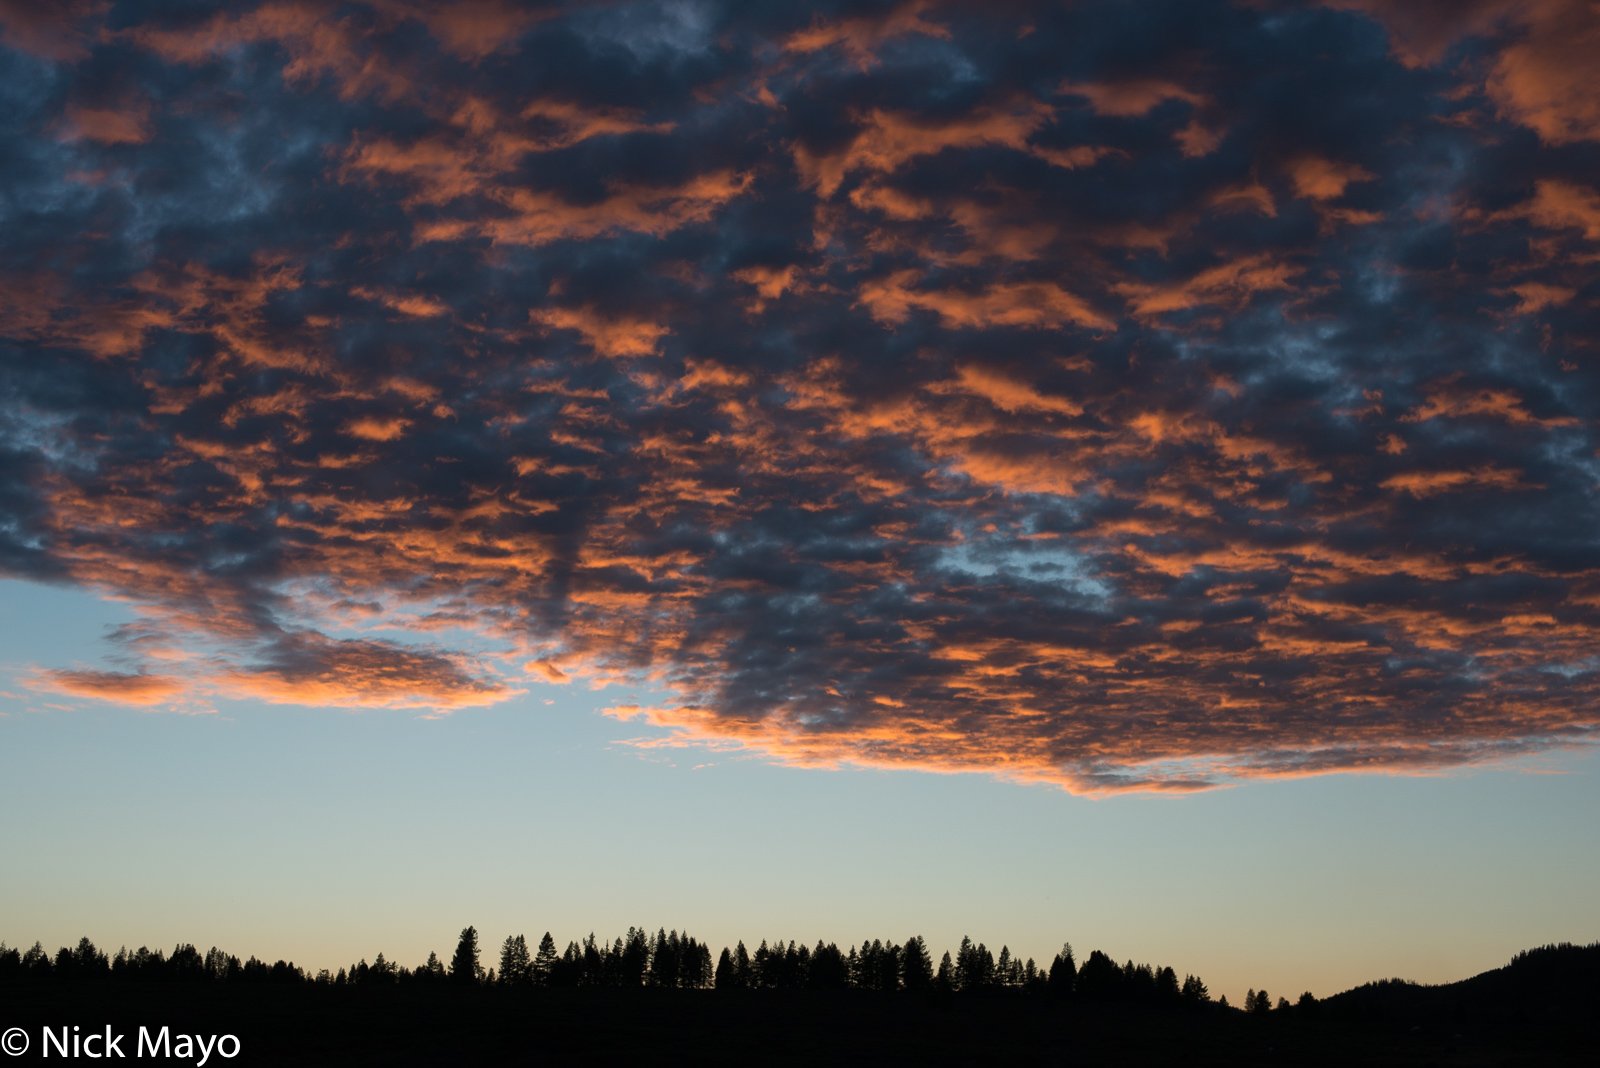 A spectacular autumn sunset over the taiga in Tsagaannuur sum.